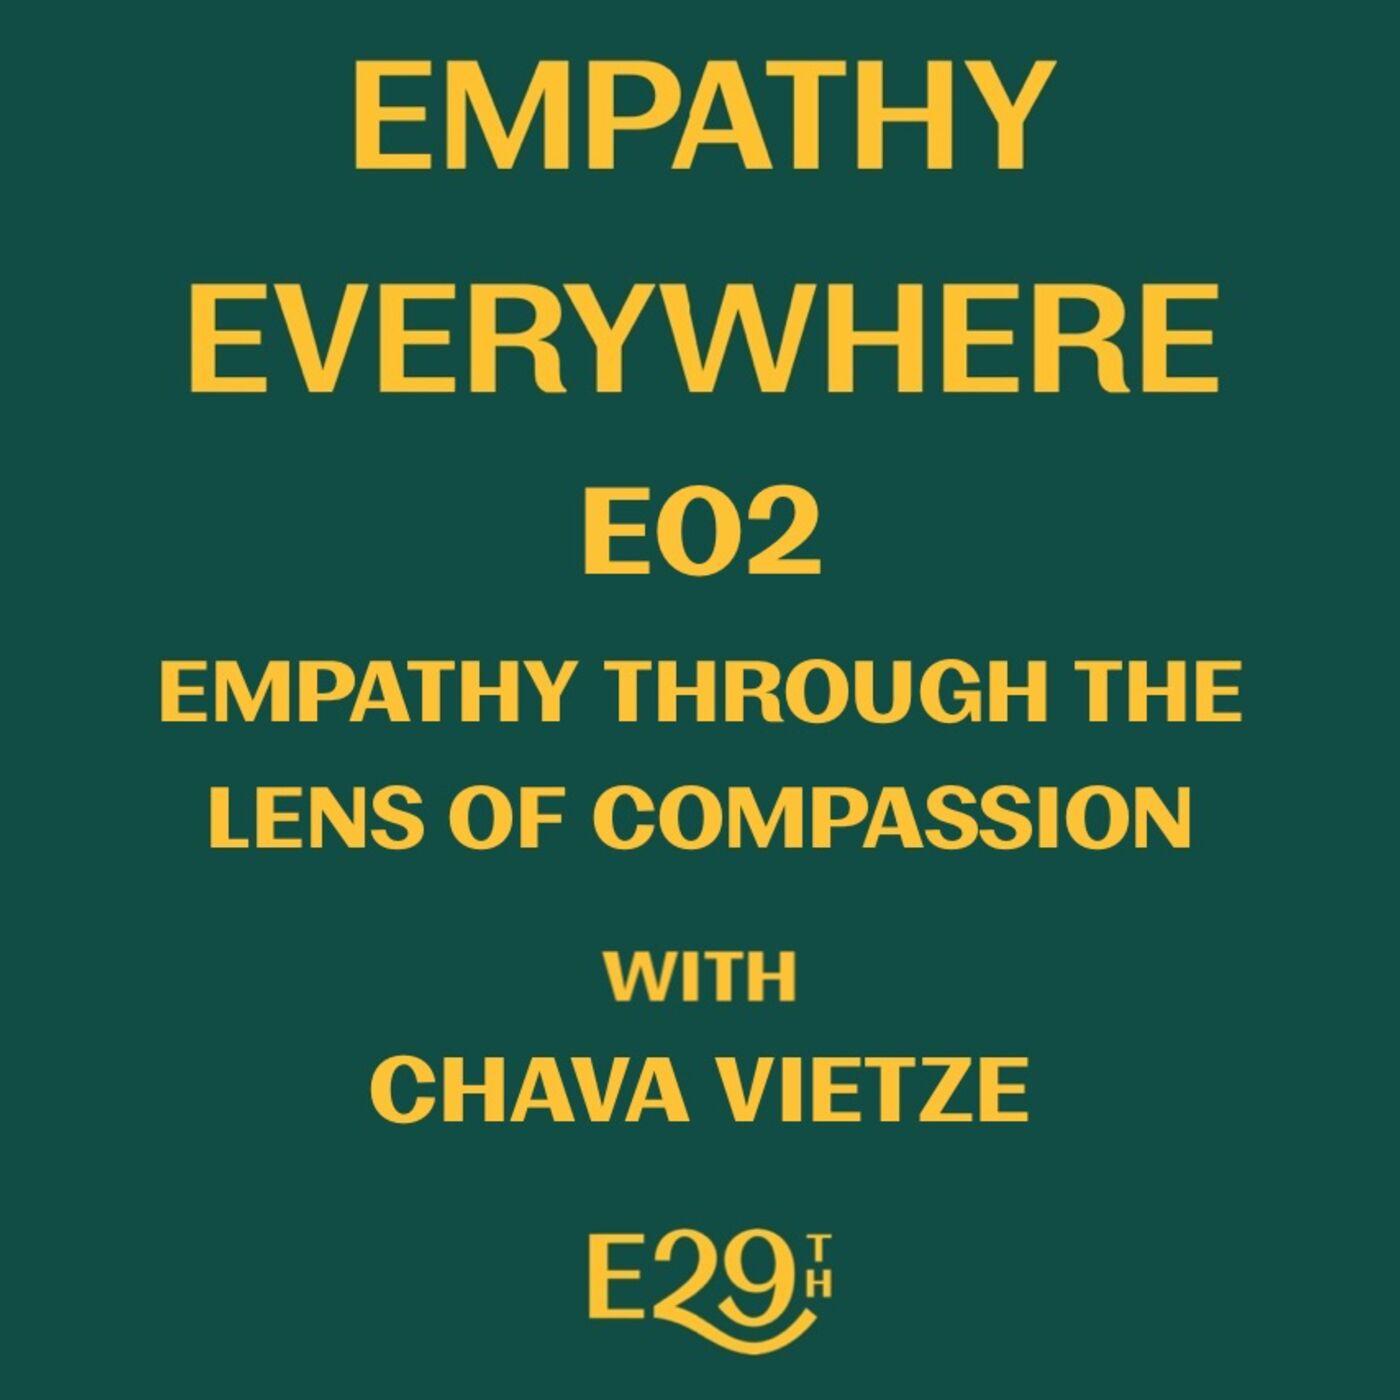 E02 - Empathy Through the Lens of Compassion